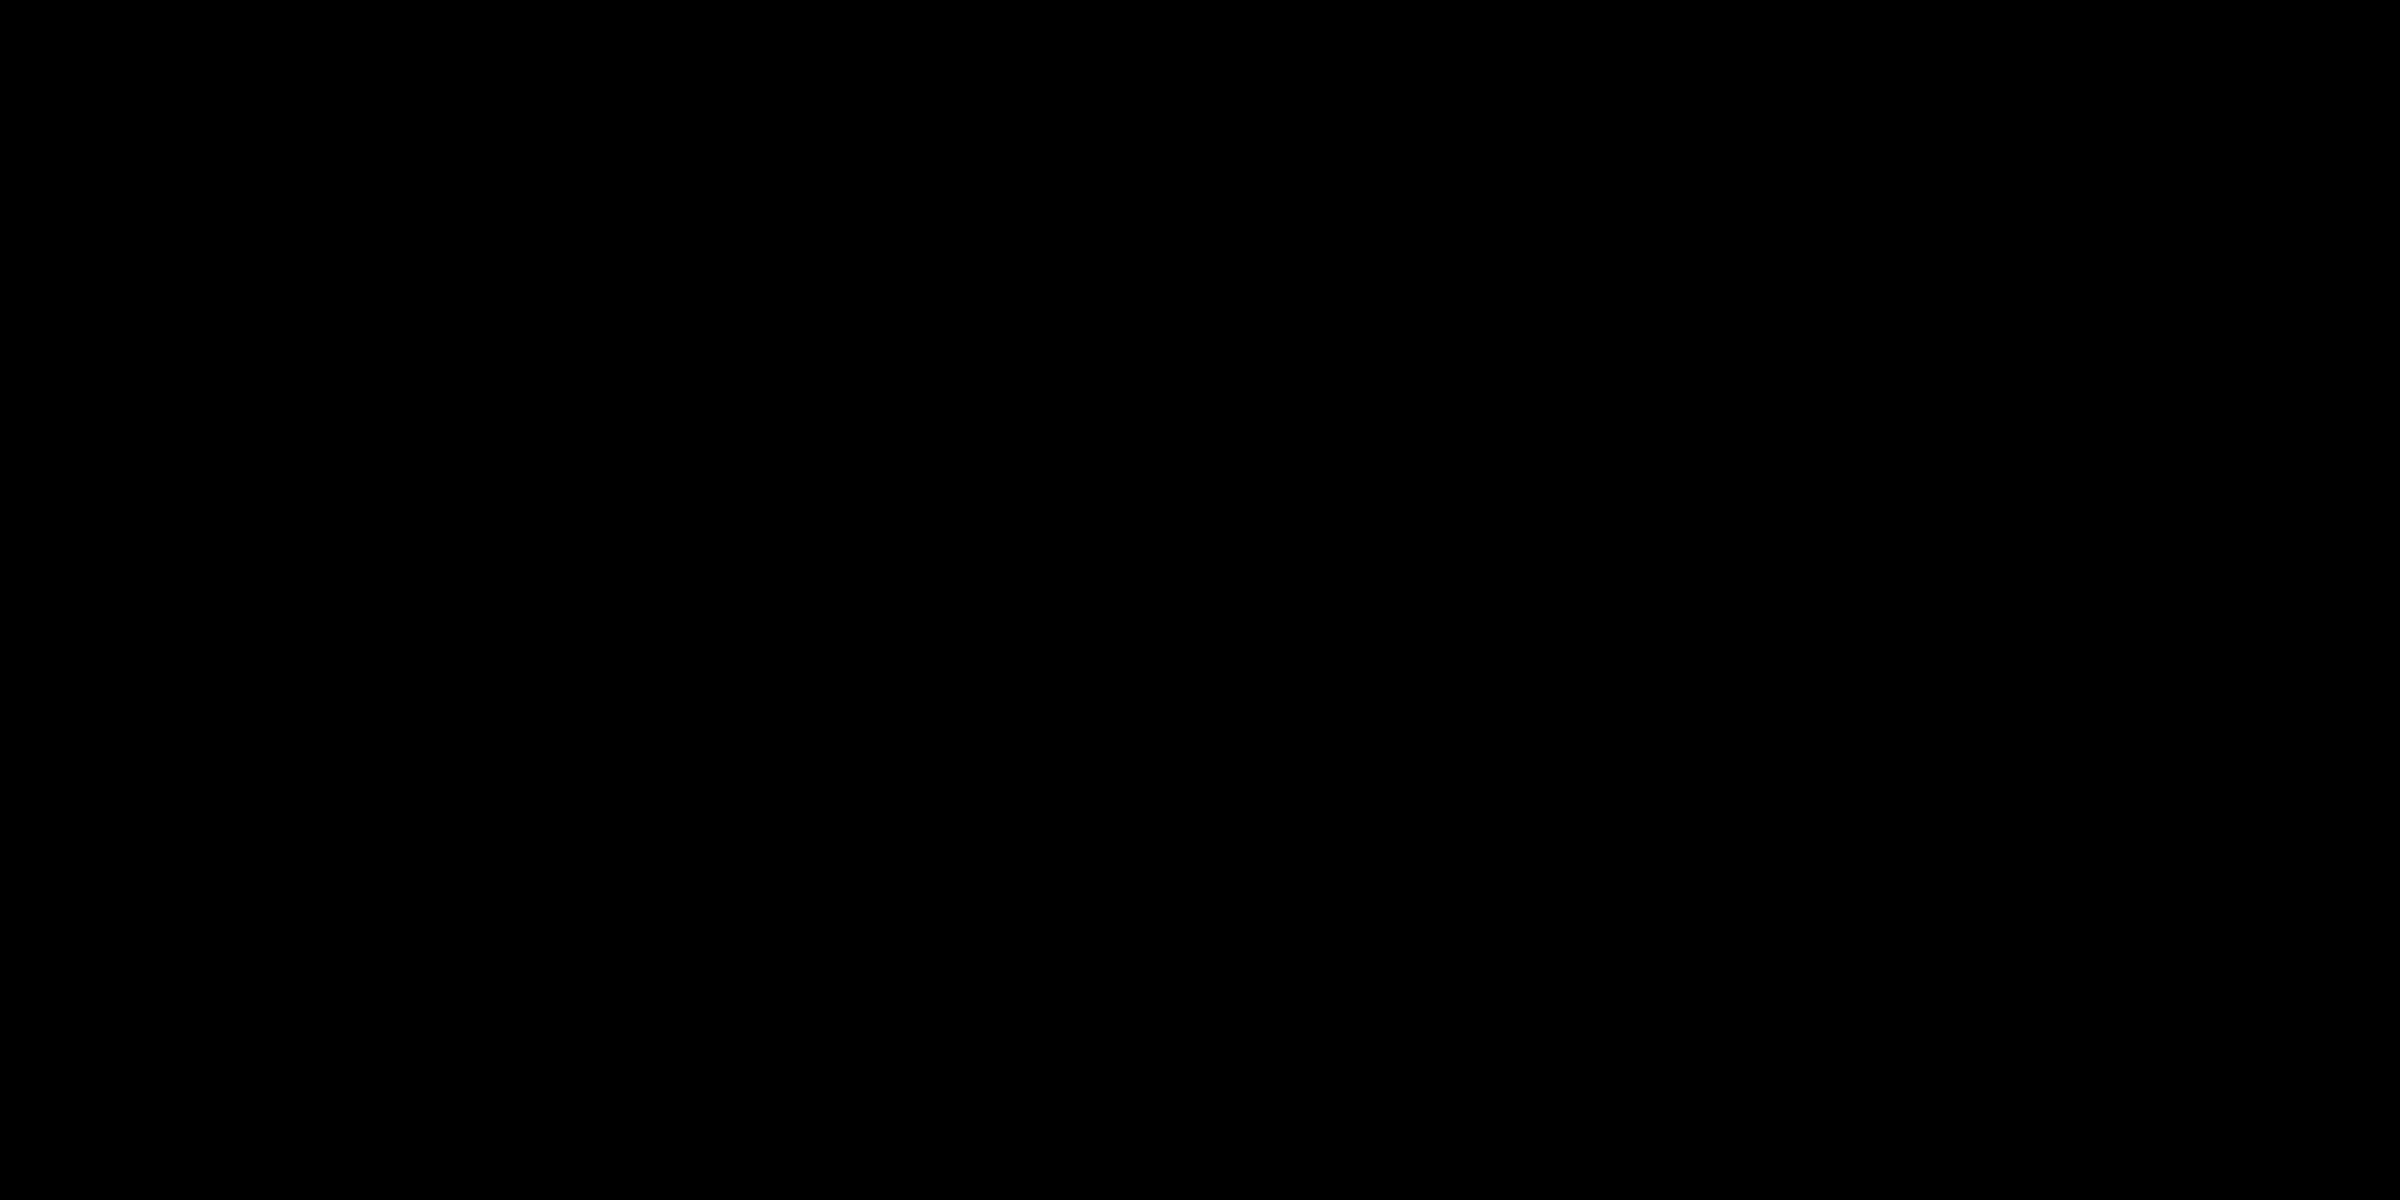 Stepsport logo